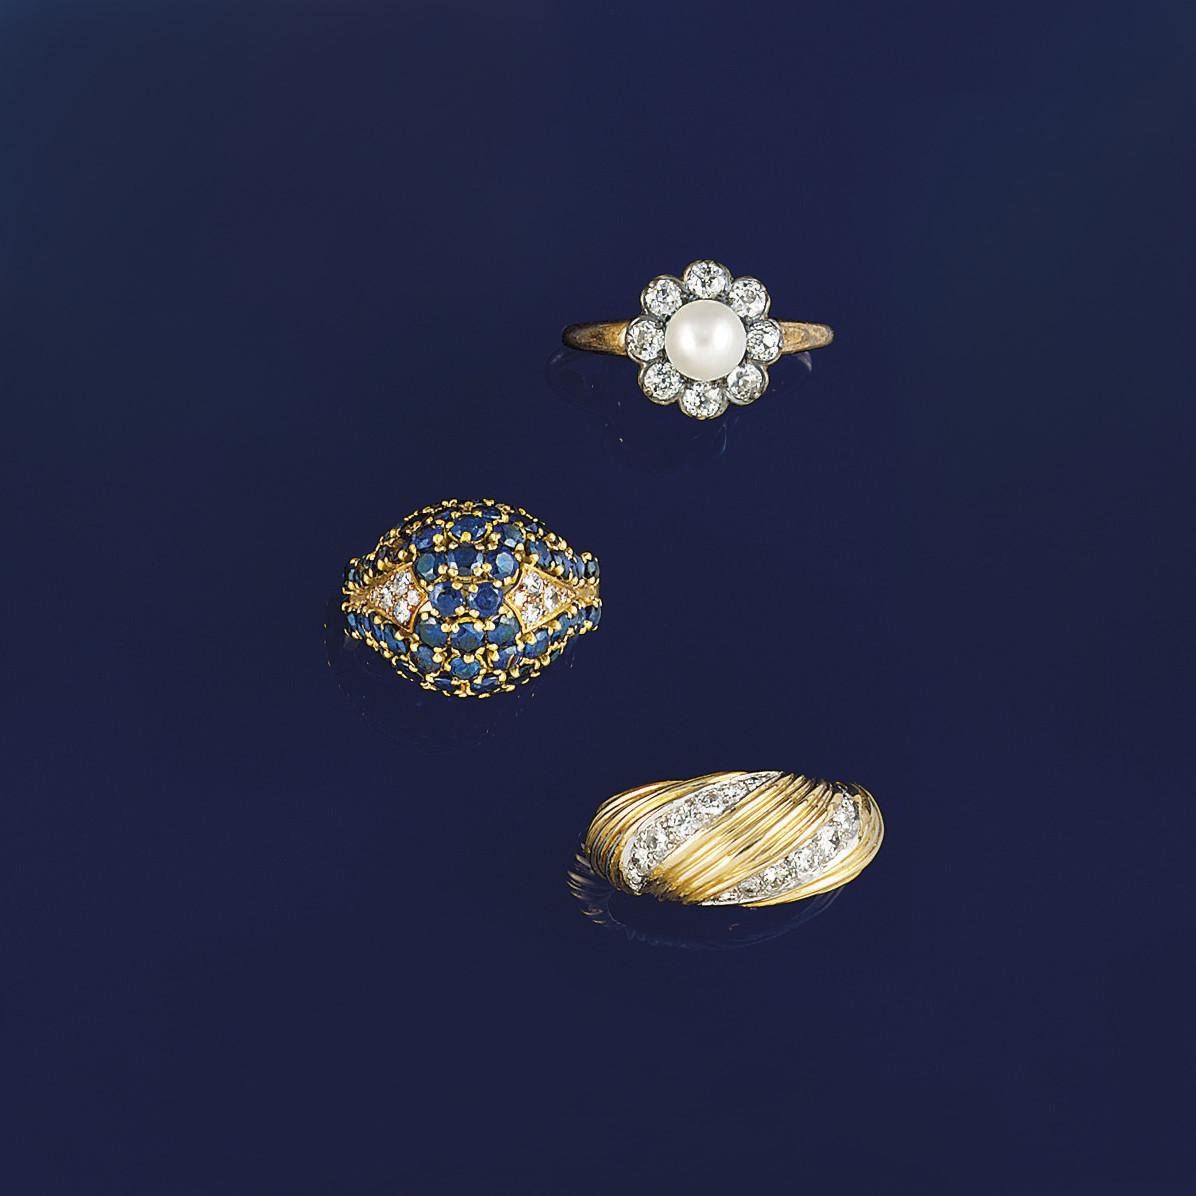 Nine rings